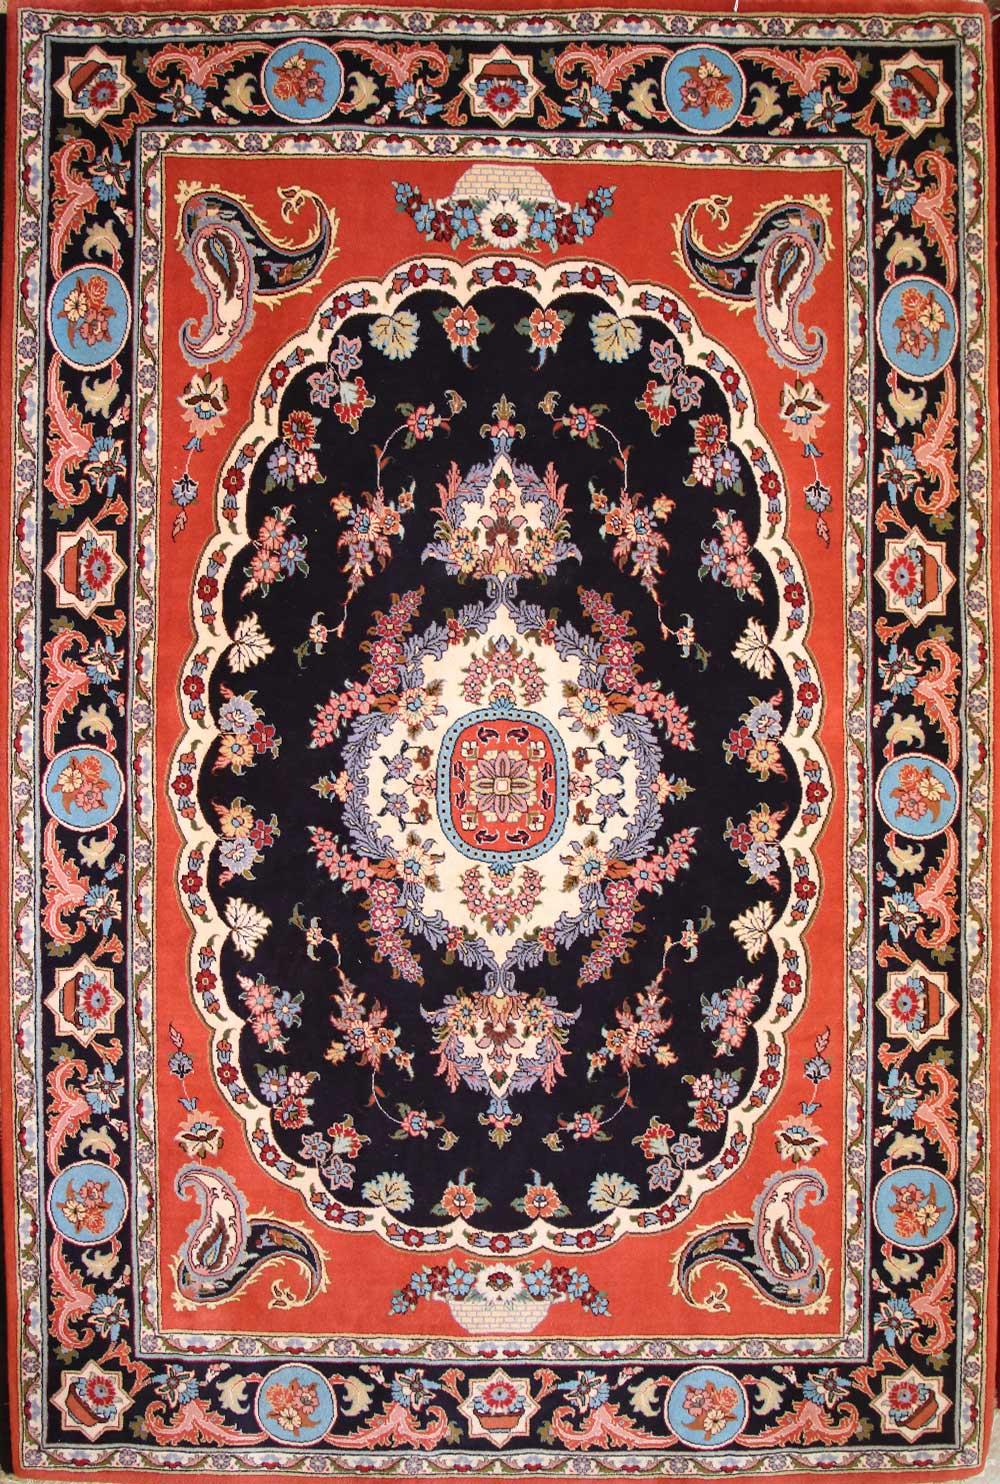 فرش دستبافت شش متری نقشه گلستان تبریز بافت اردبیل